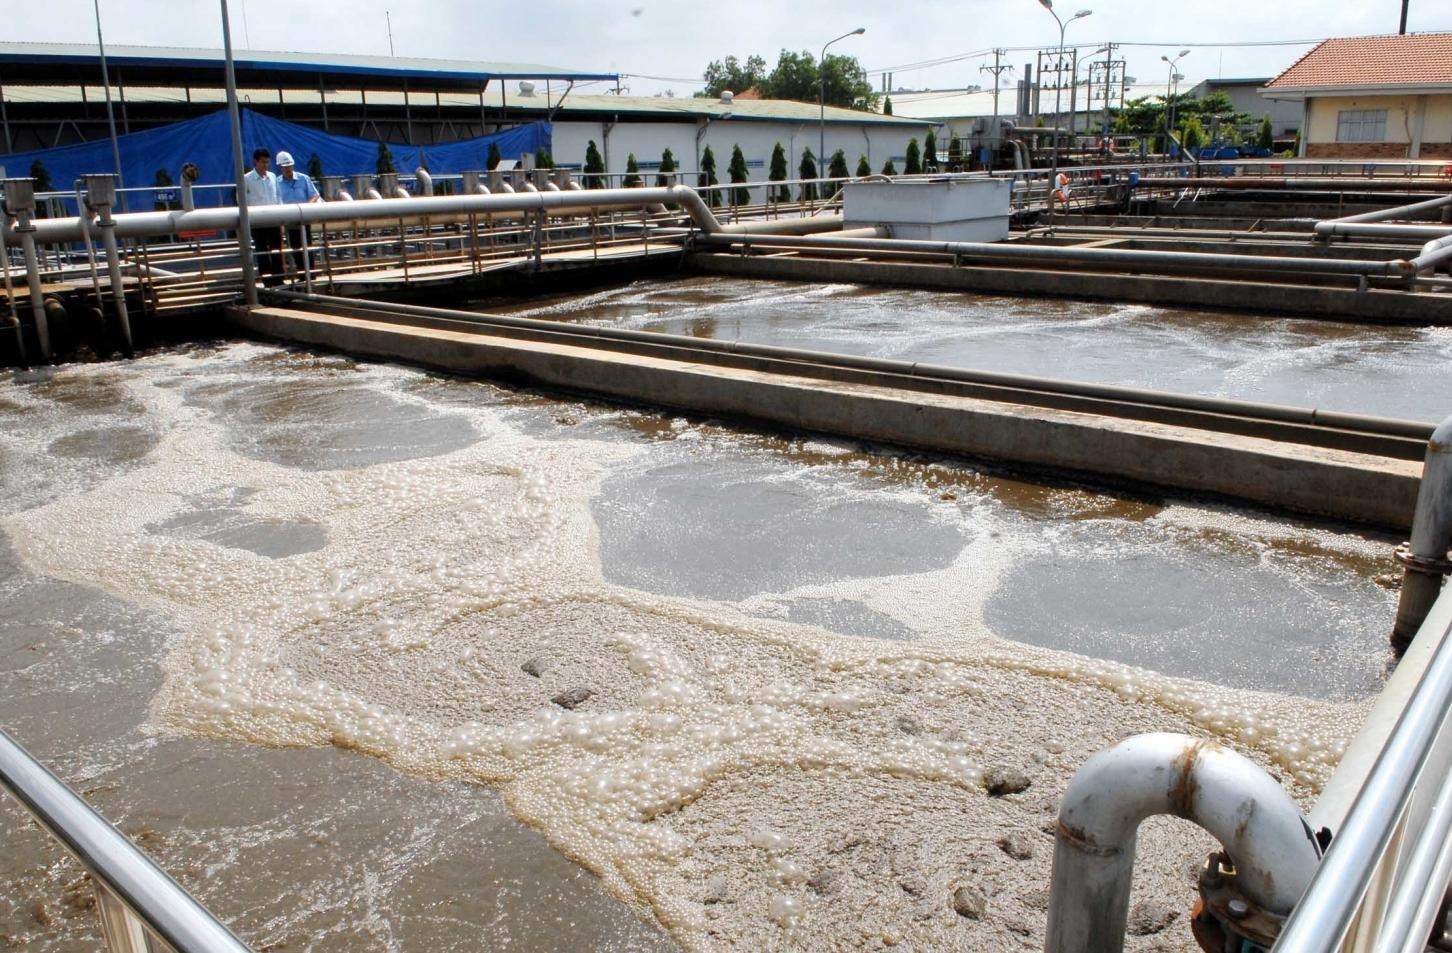 Các khu công nghiệp phải xây dựng, vận hành hệ thống xử lý nước thải tập trung